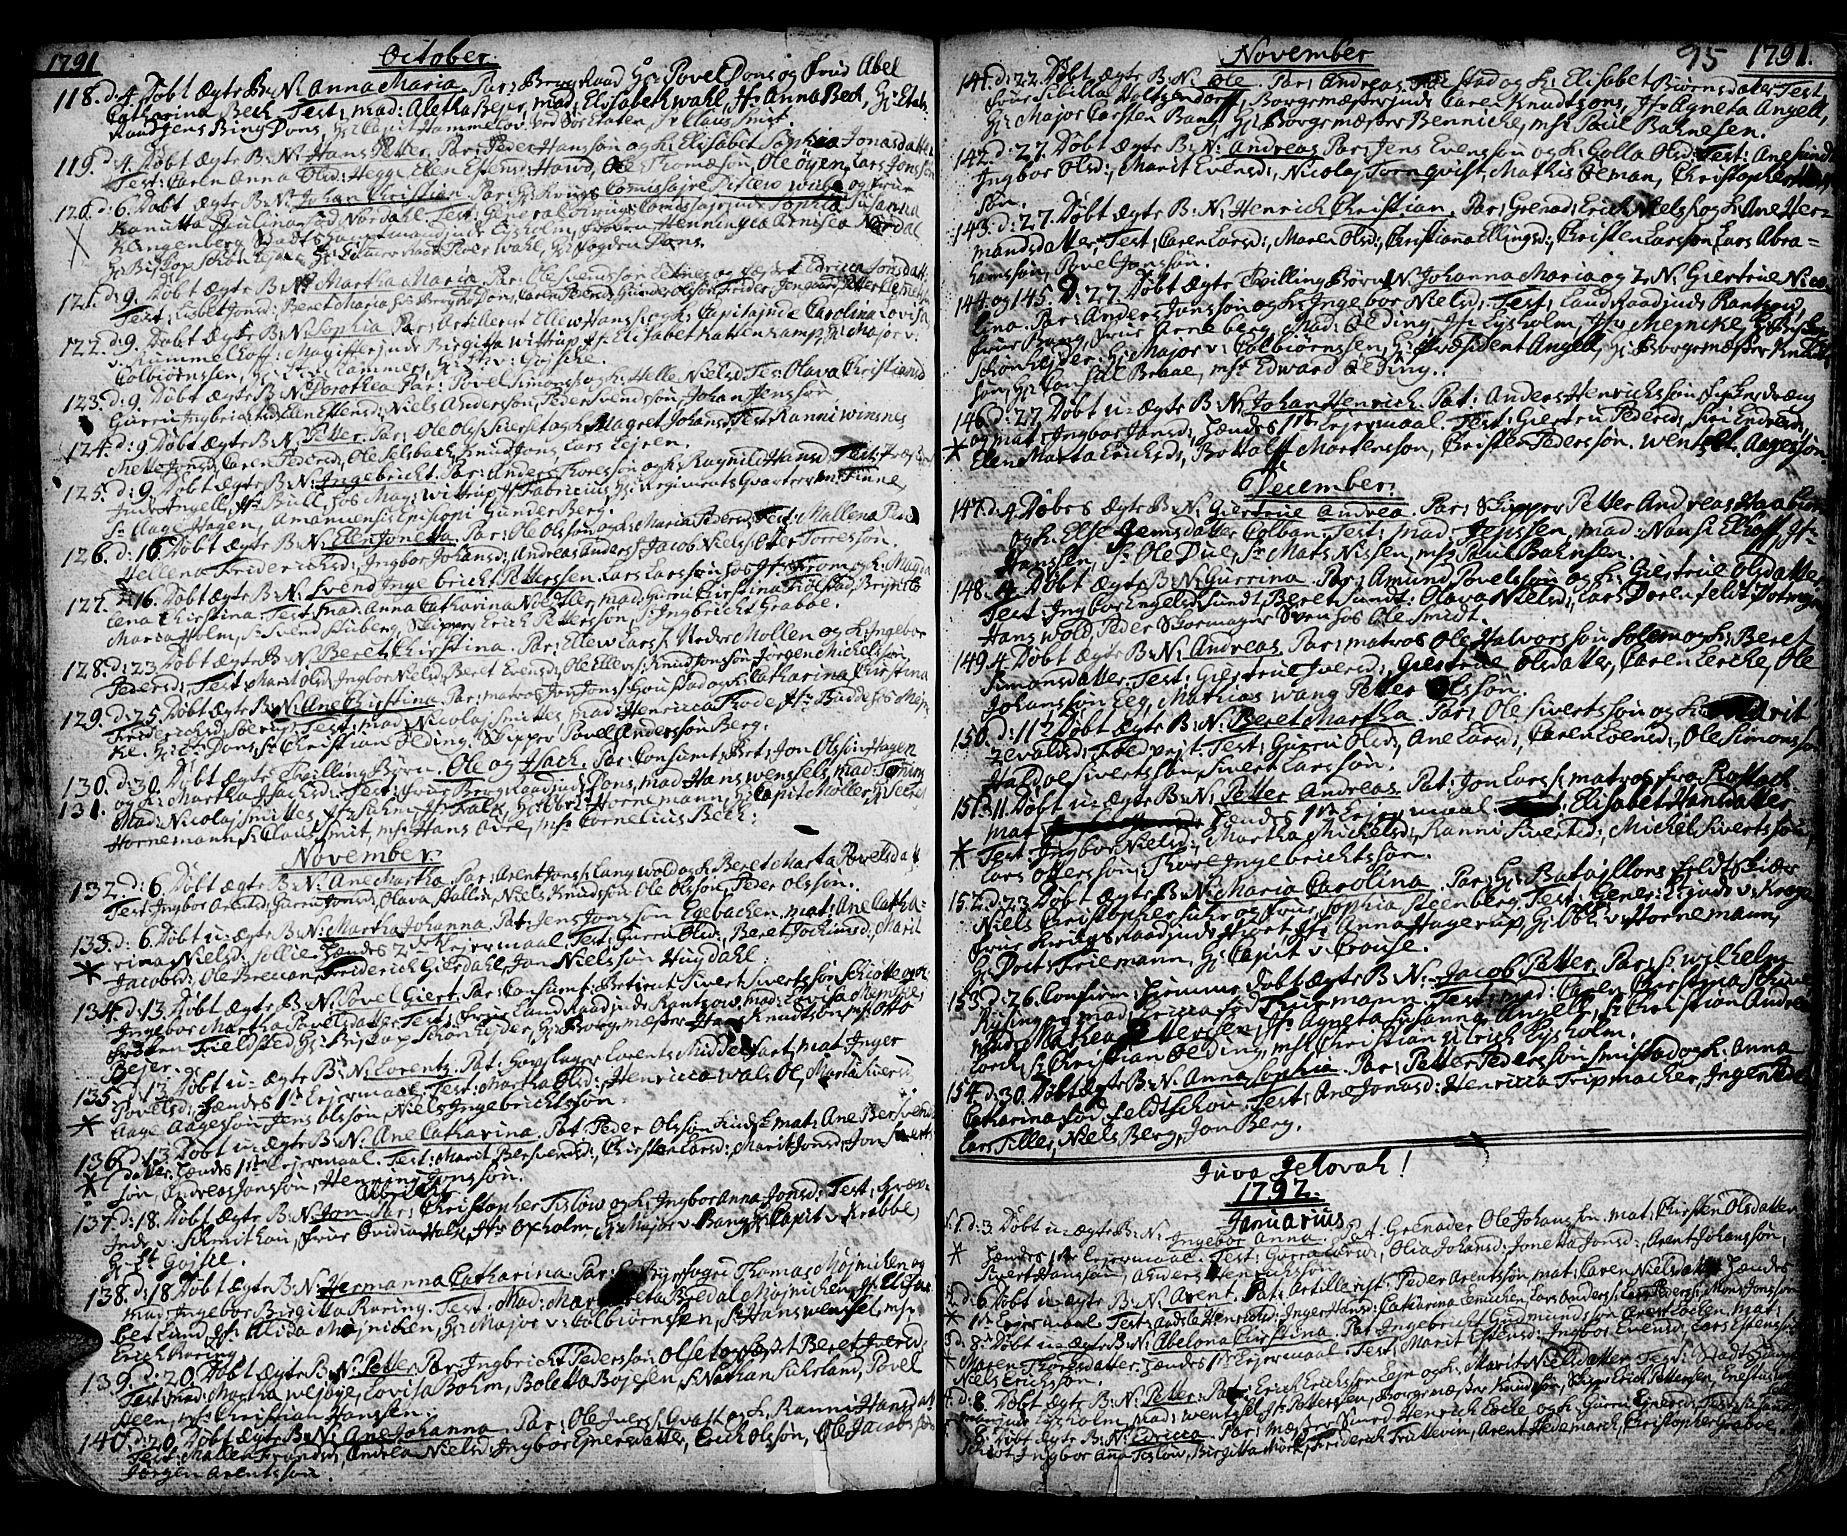 SAT, Ministerialprotokoller, klokkerbøker og fødselsregistre - Sør-Trøndelag, 601/L0039: Ministerialbok nr. 601A07, 1770-1819, s. 95